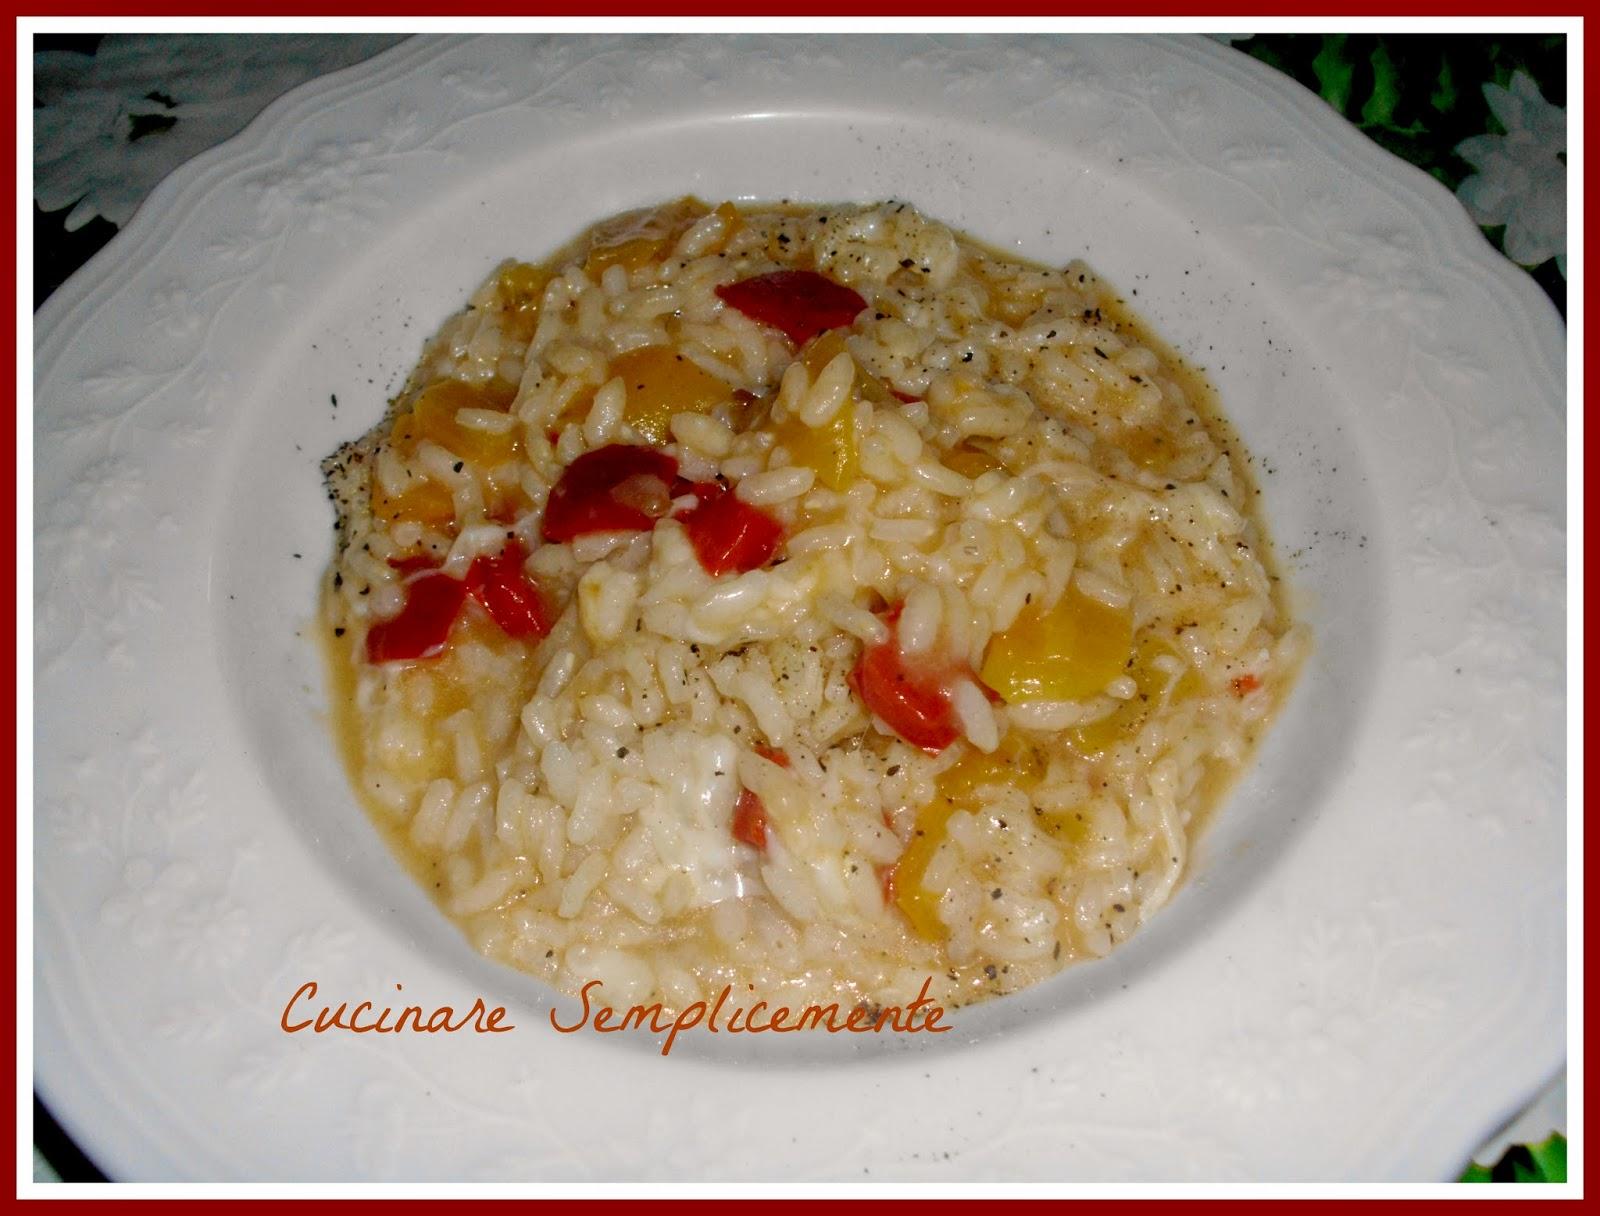 Cucinare semplicemente risotto ai peperoni for Cucinare risotto